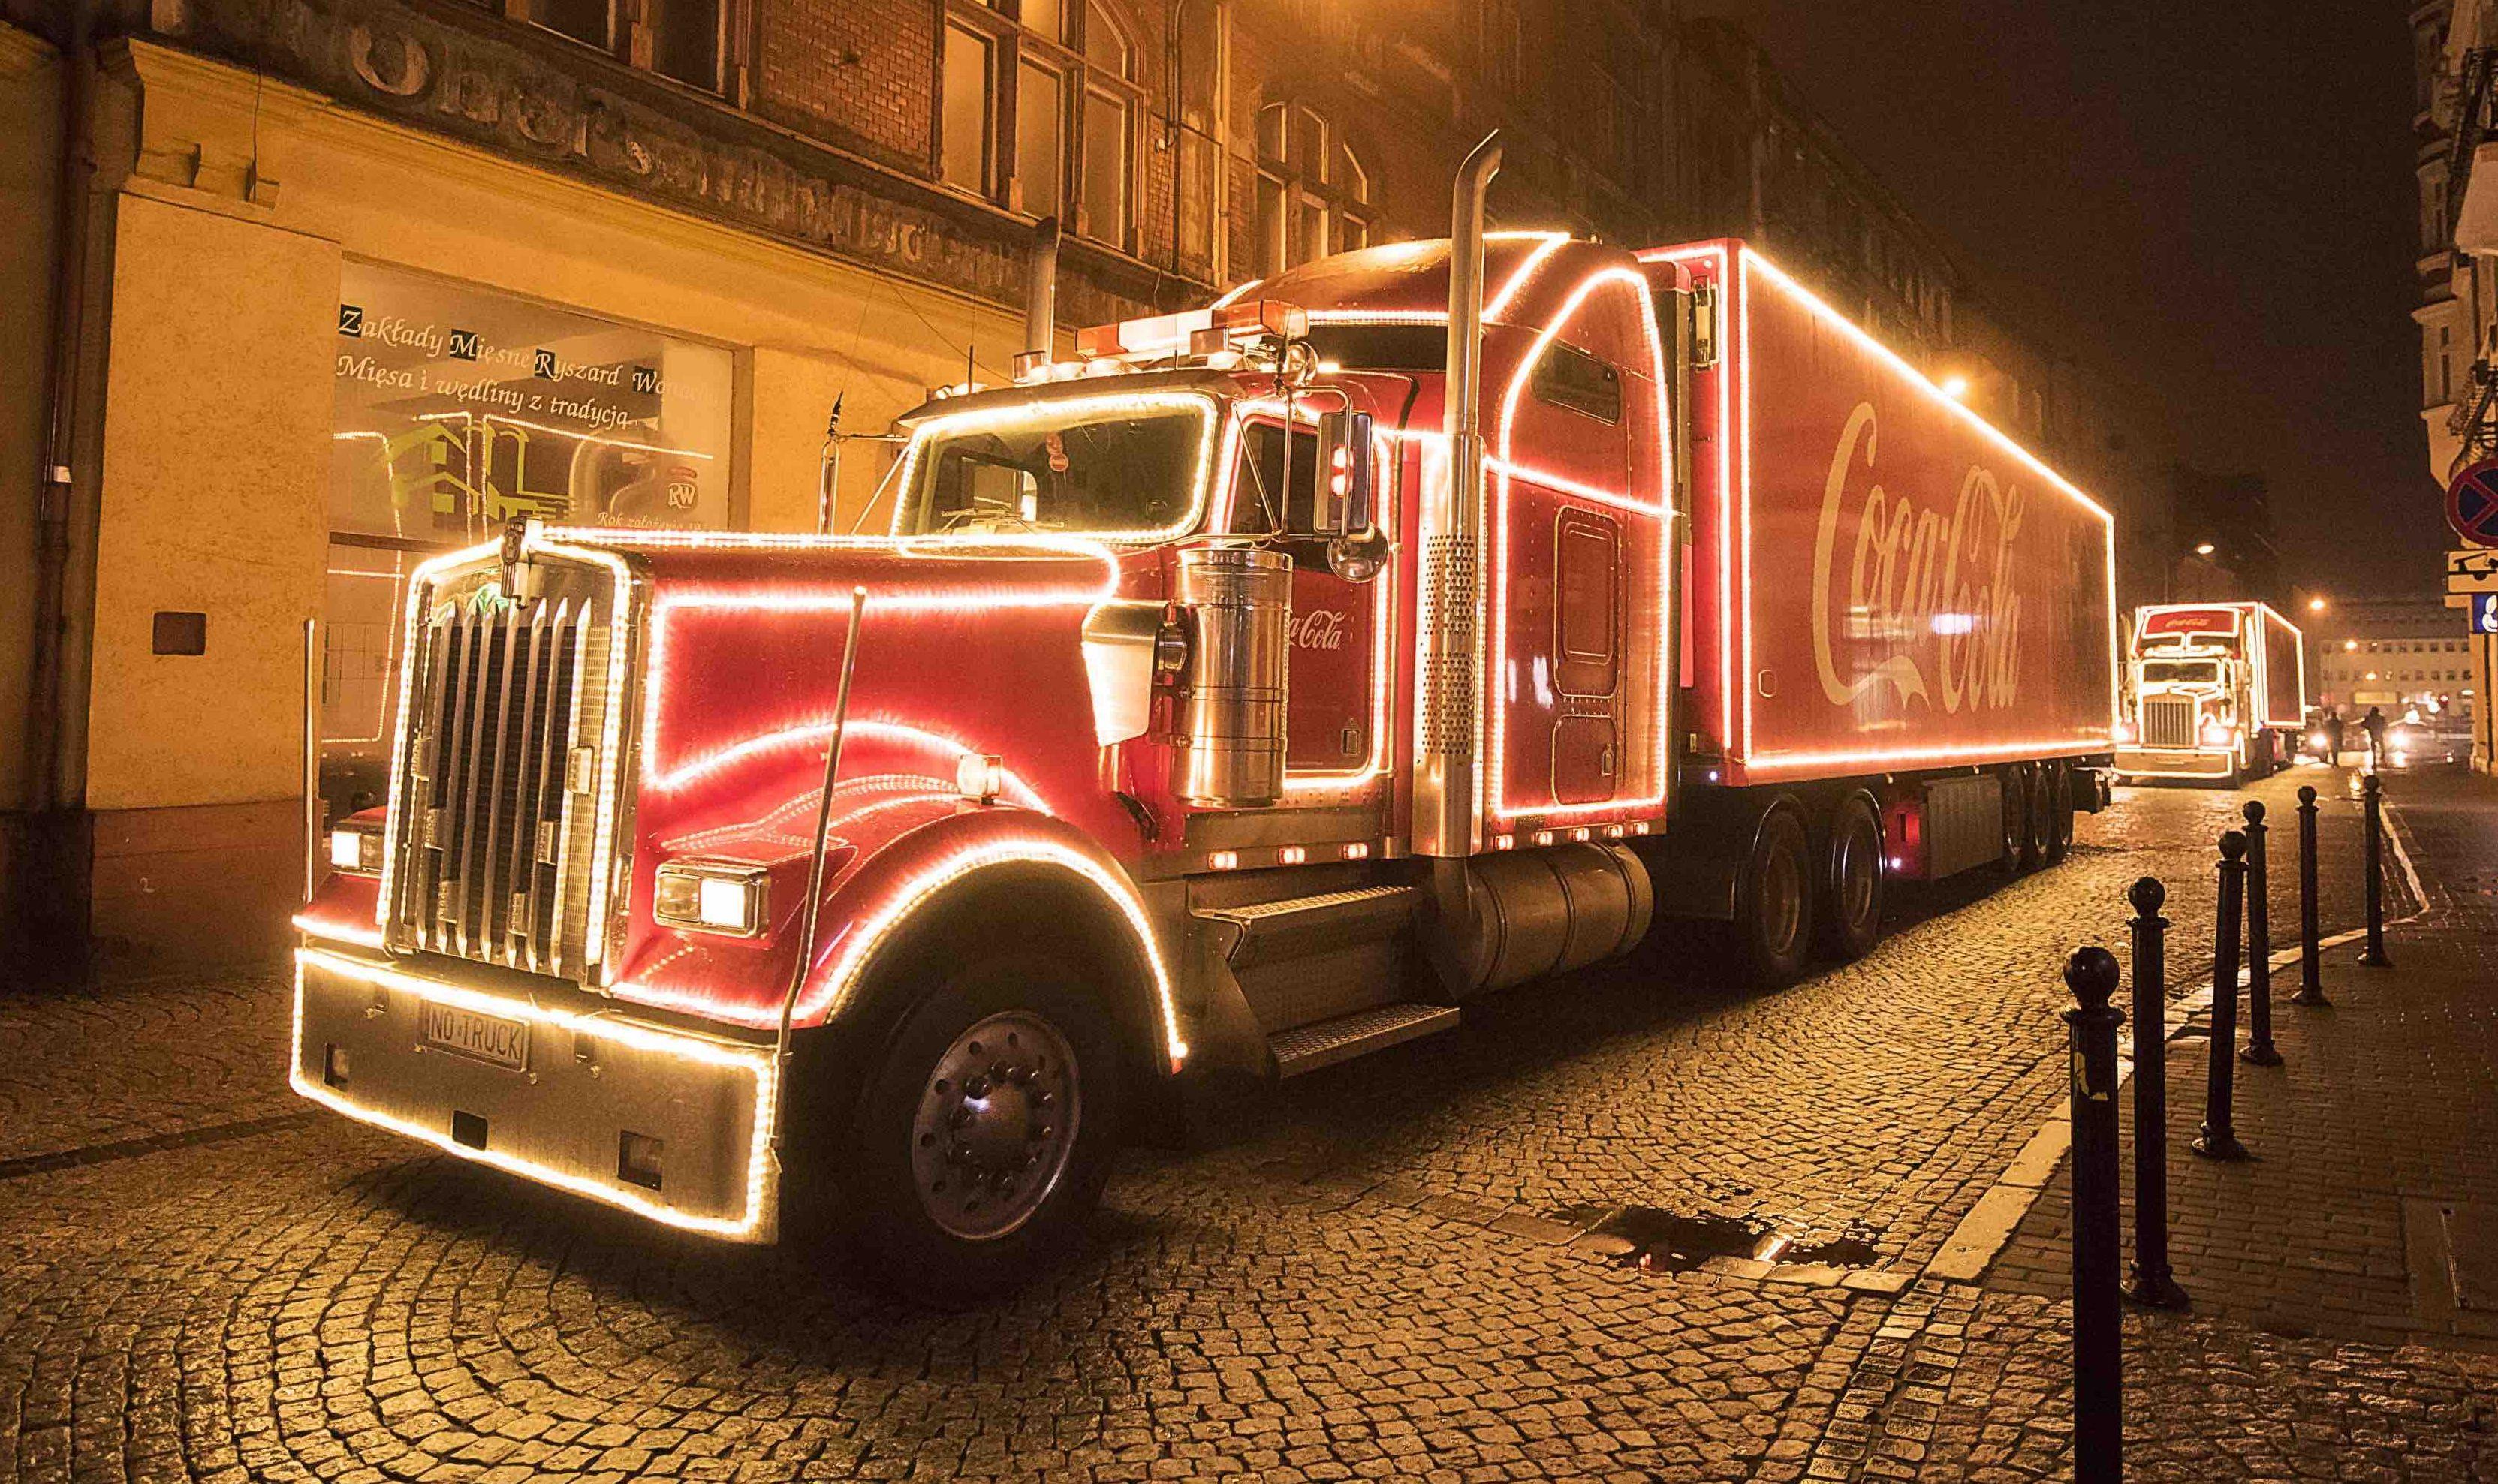 Świąteczny konwój Coca-Coli w Olsztynie